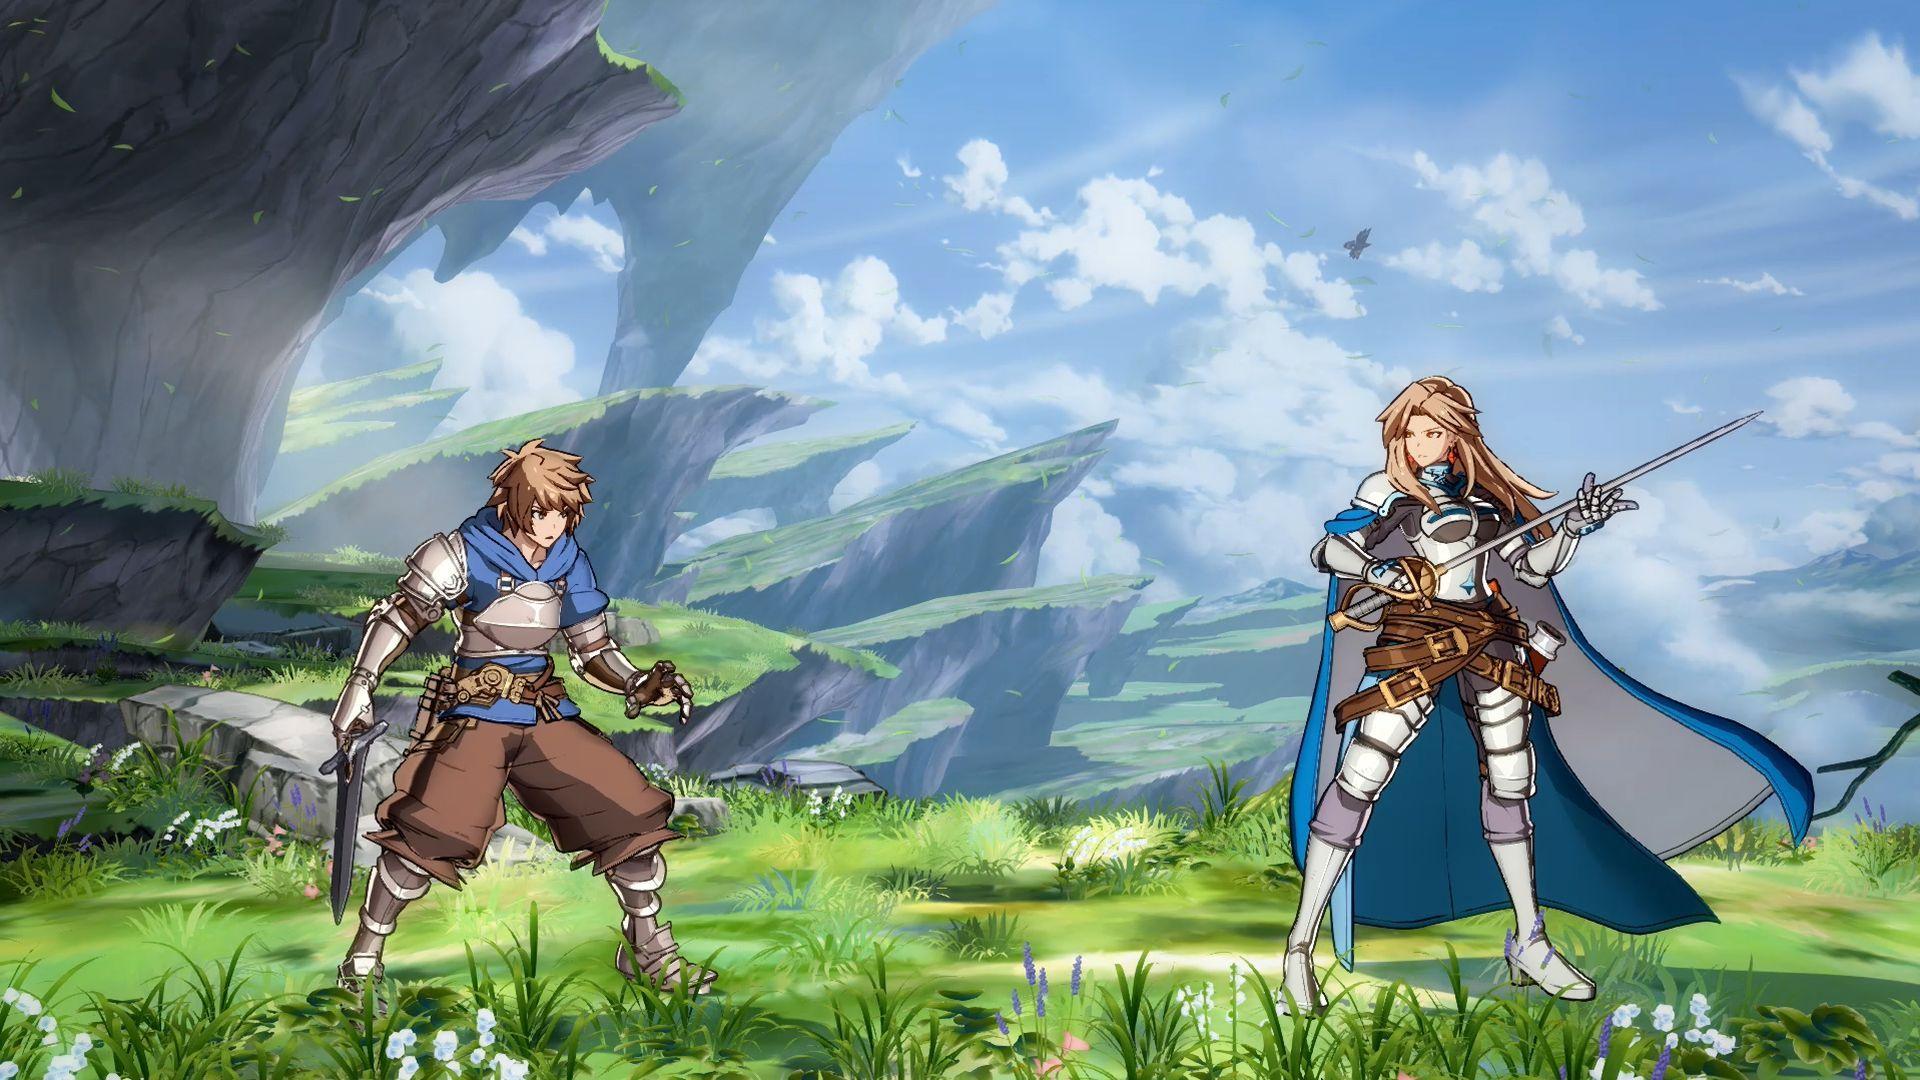 granblue fantasy versus game wallpaper 69705